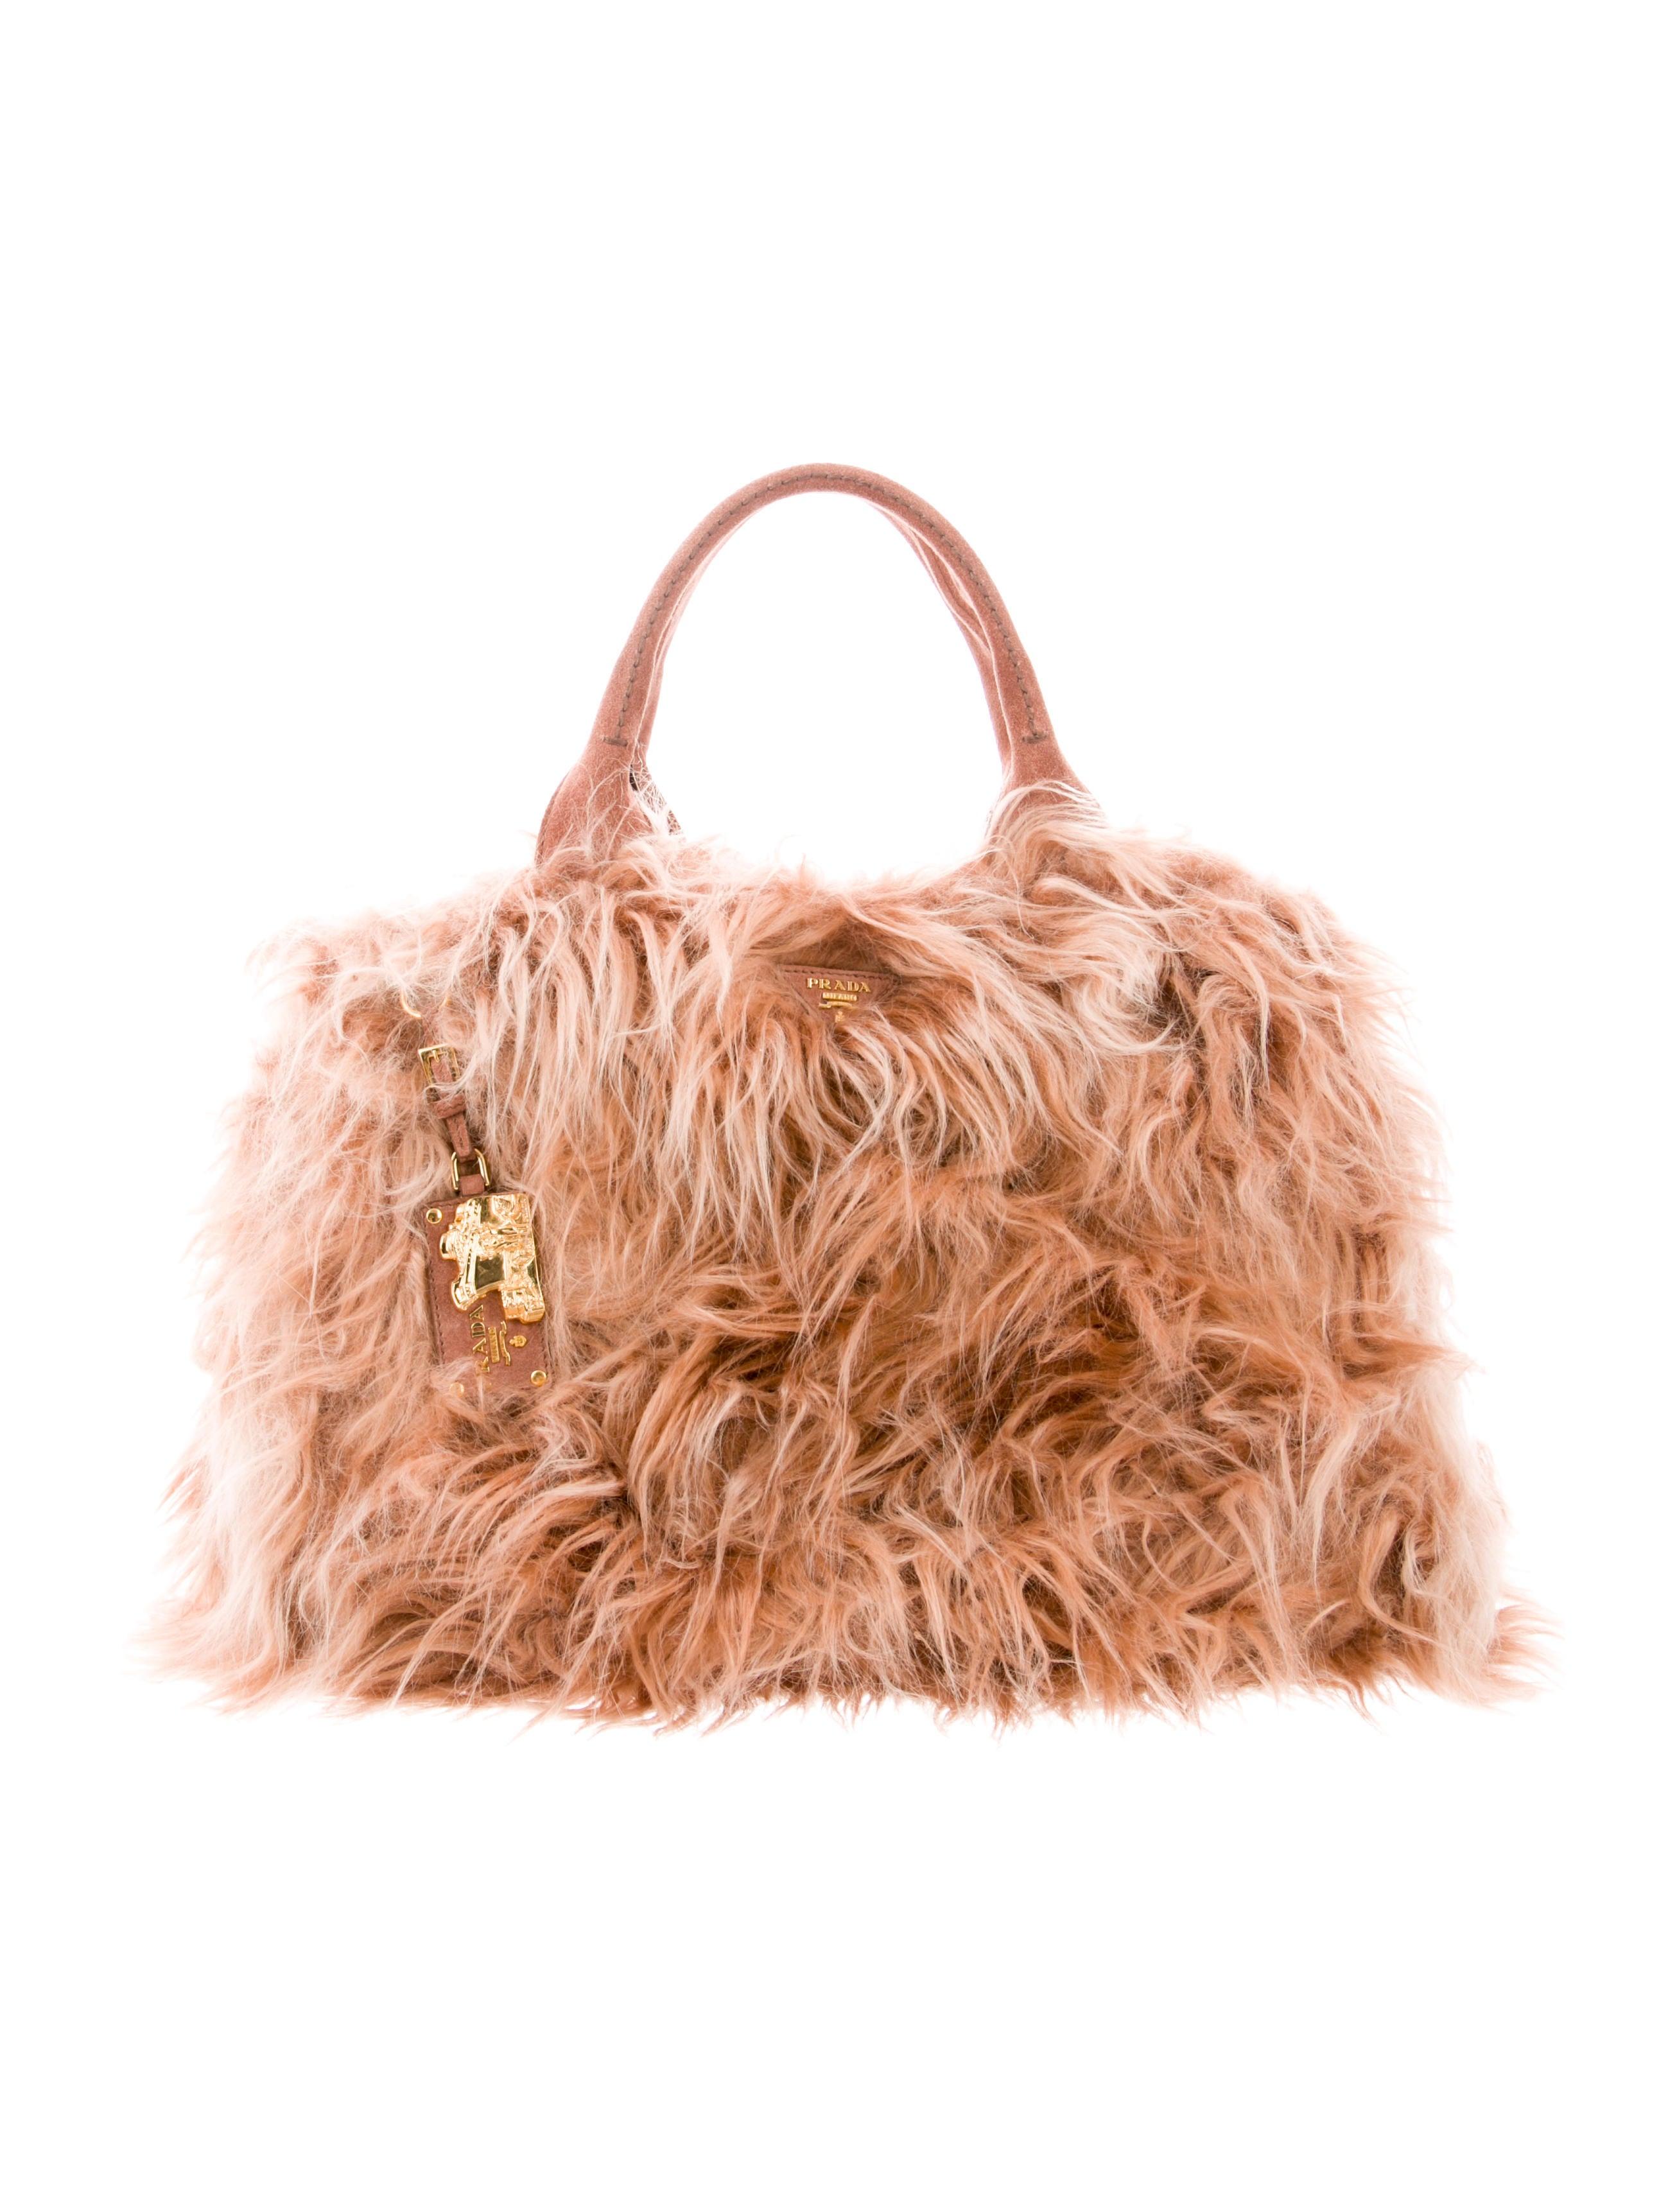 bfe87e2c2d7f Prada Eco Kidassia Bag - Handbags - PRA223631